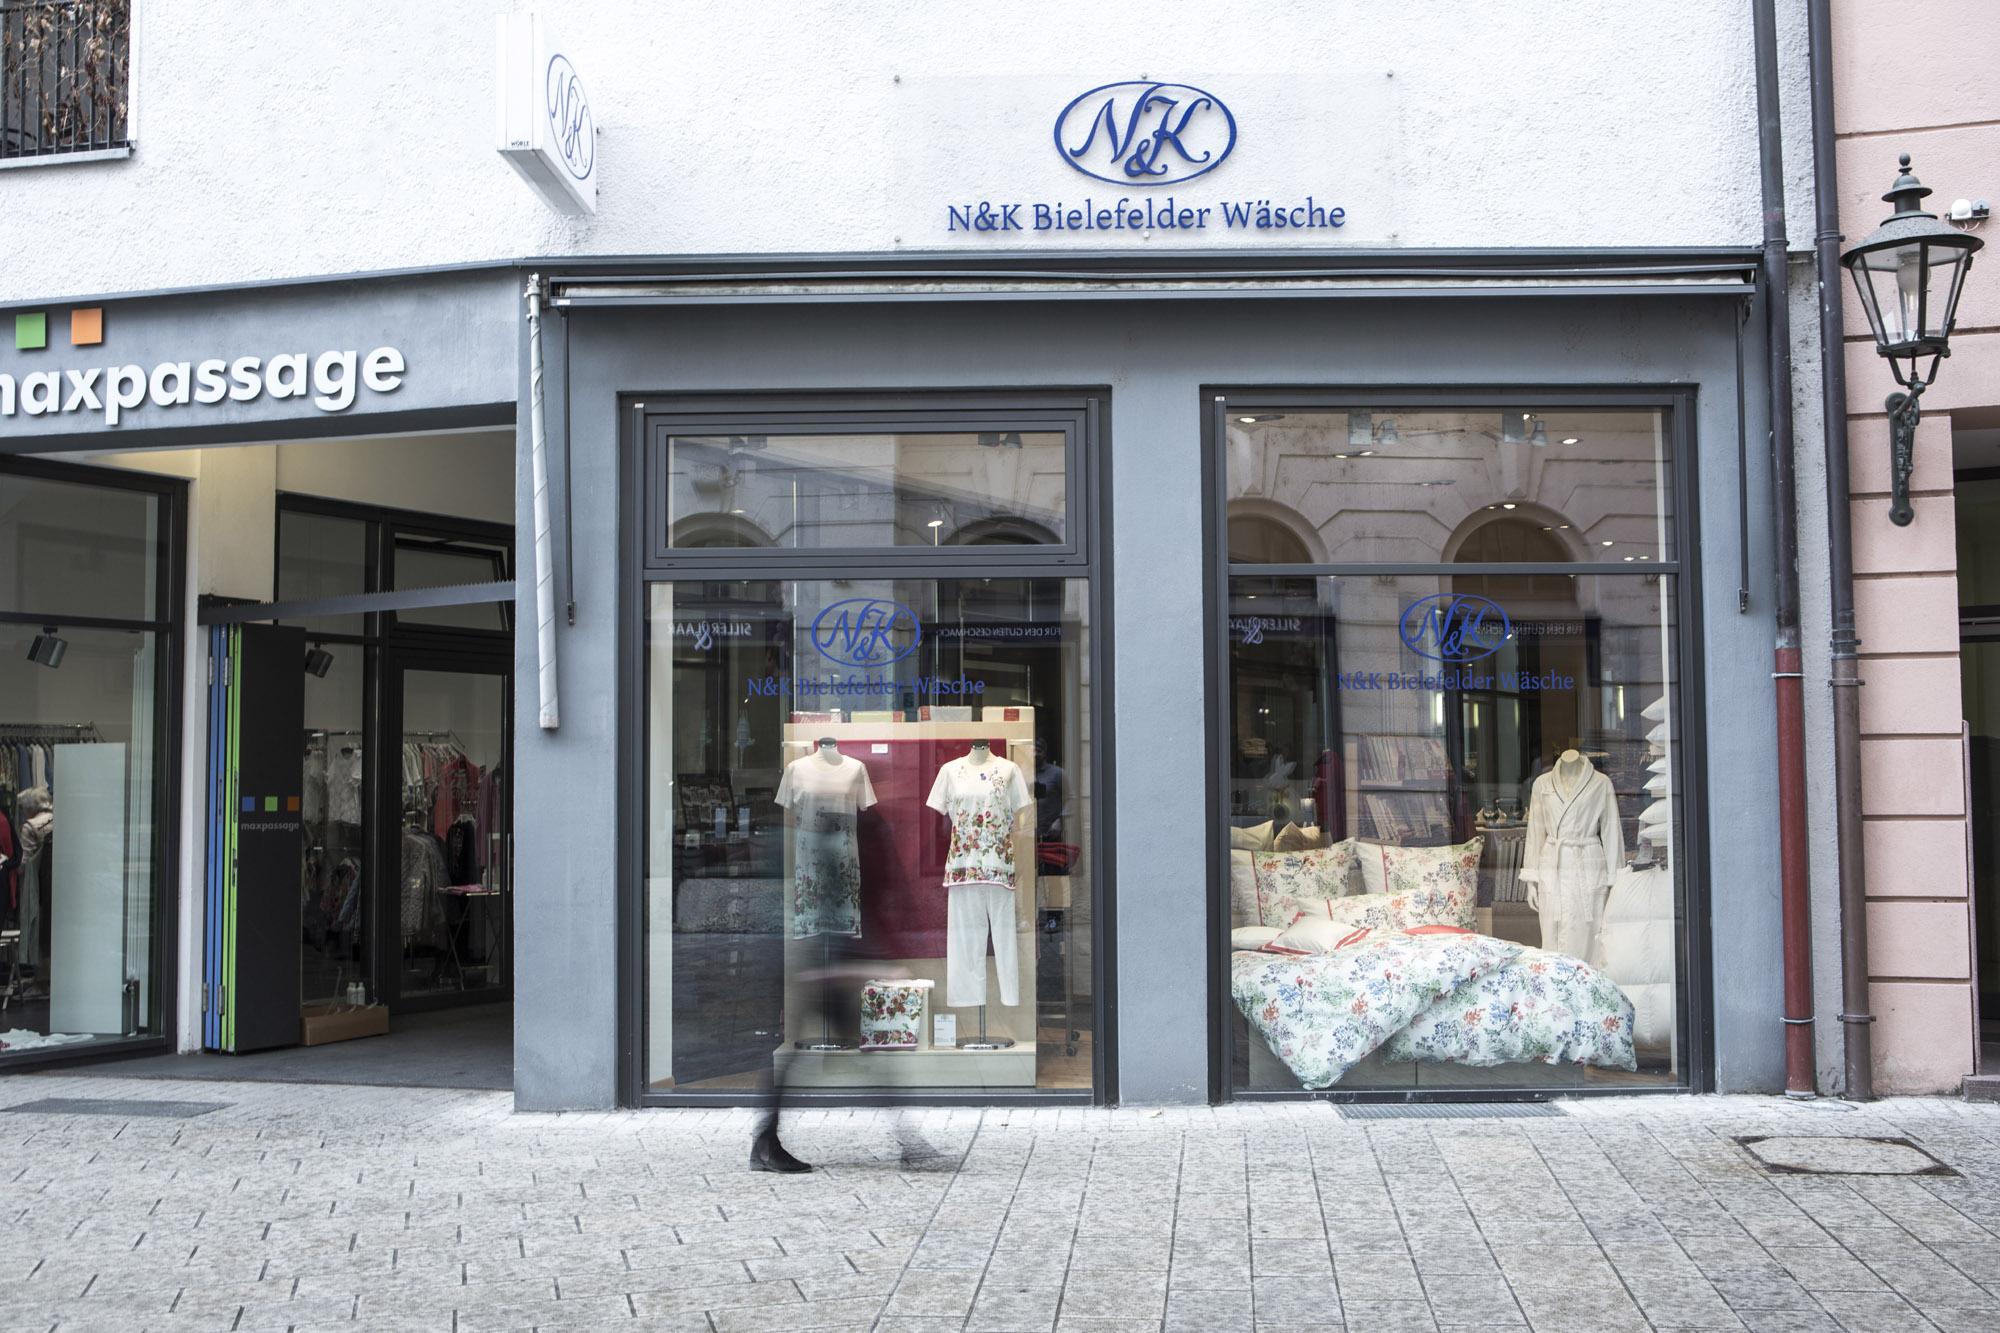 N&K Bielefelder Wäsche